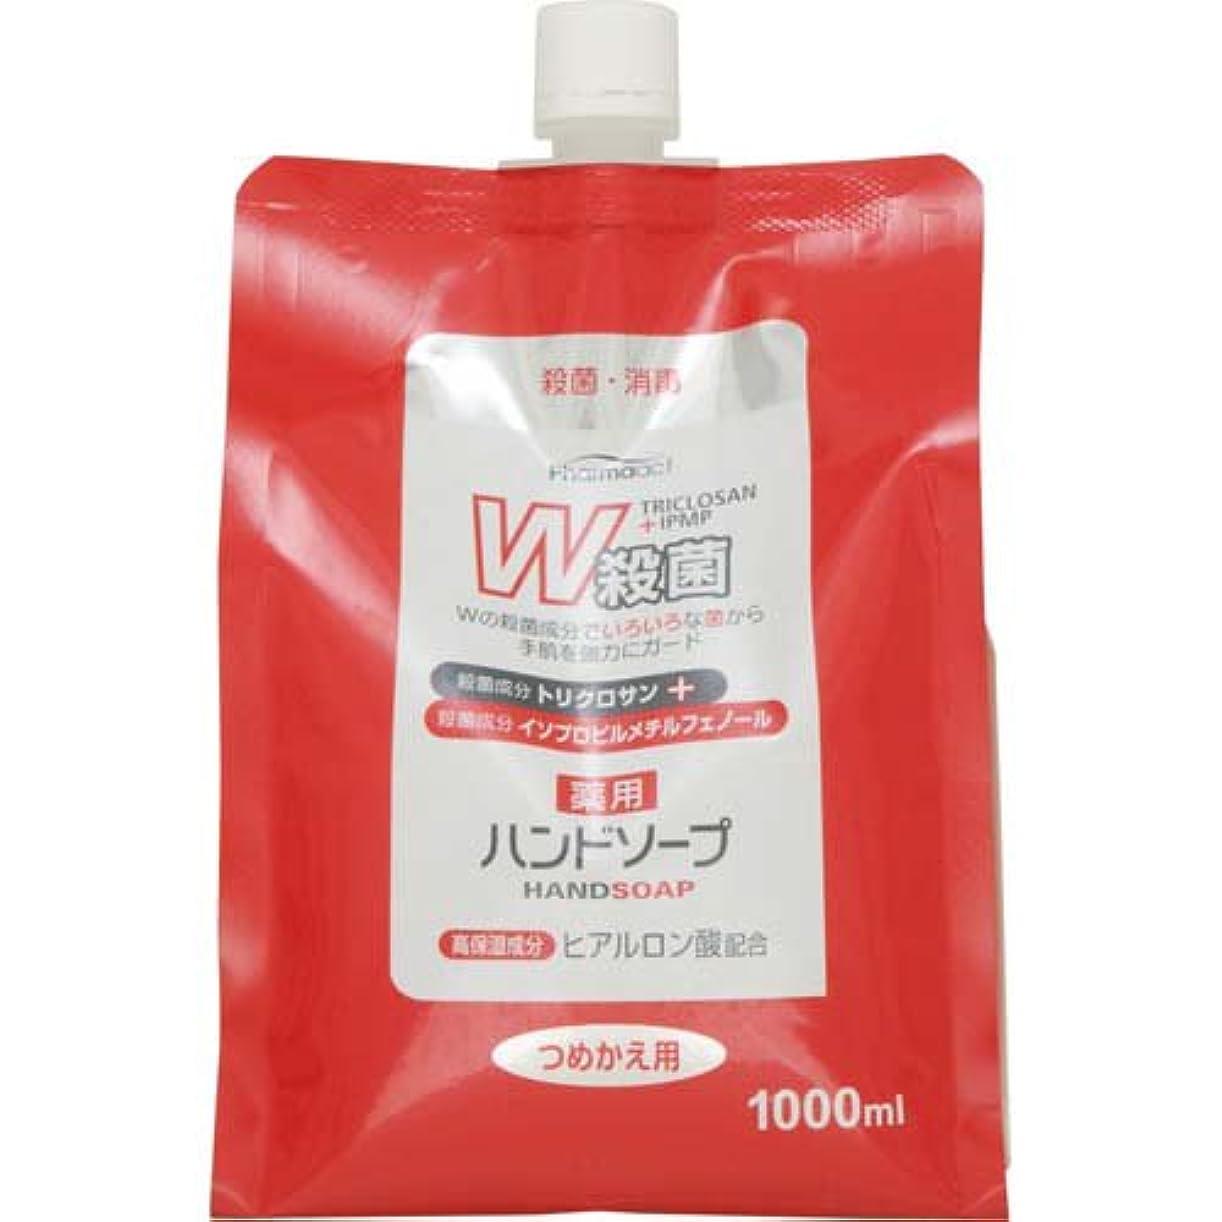 損傷スリップ高揚したファーマアクト W殺菌薬用ハンドソープ スパウト付き詰替 1000ml